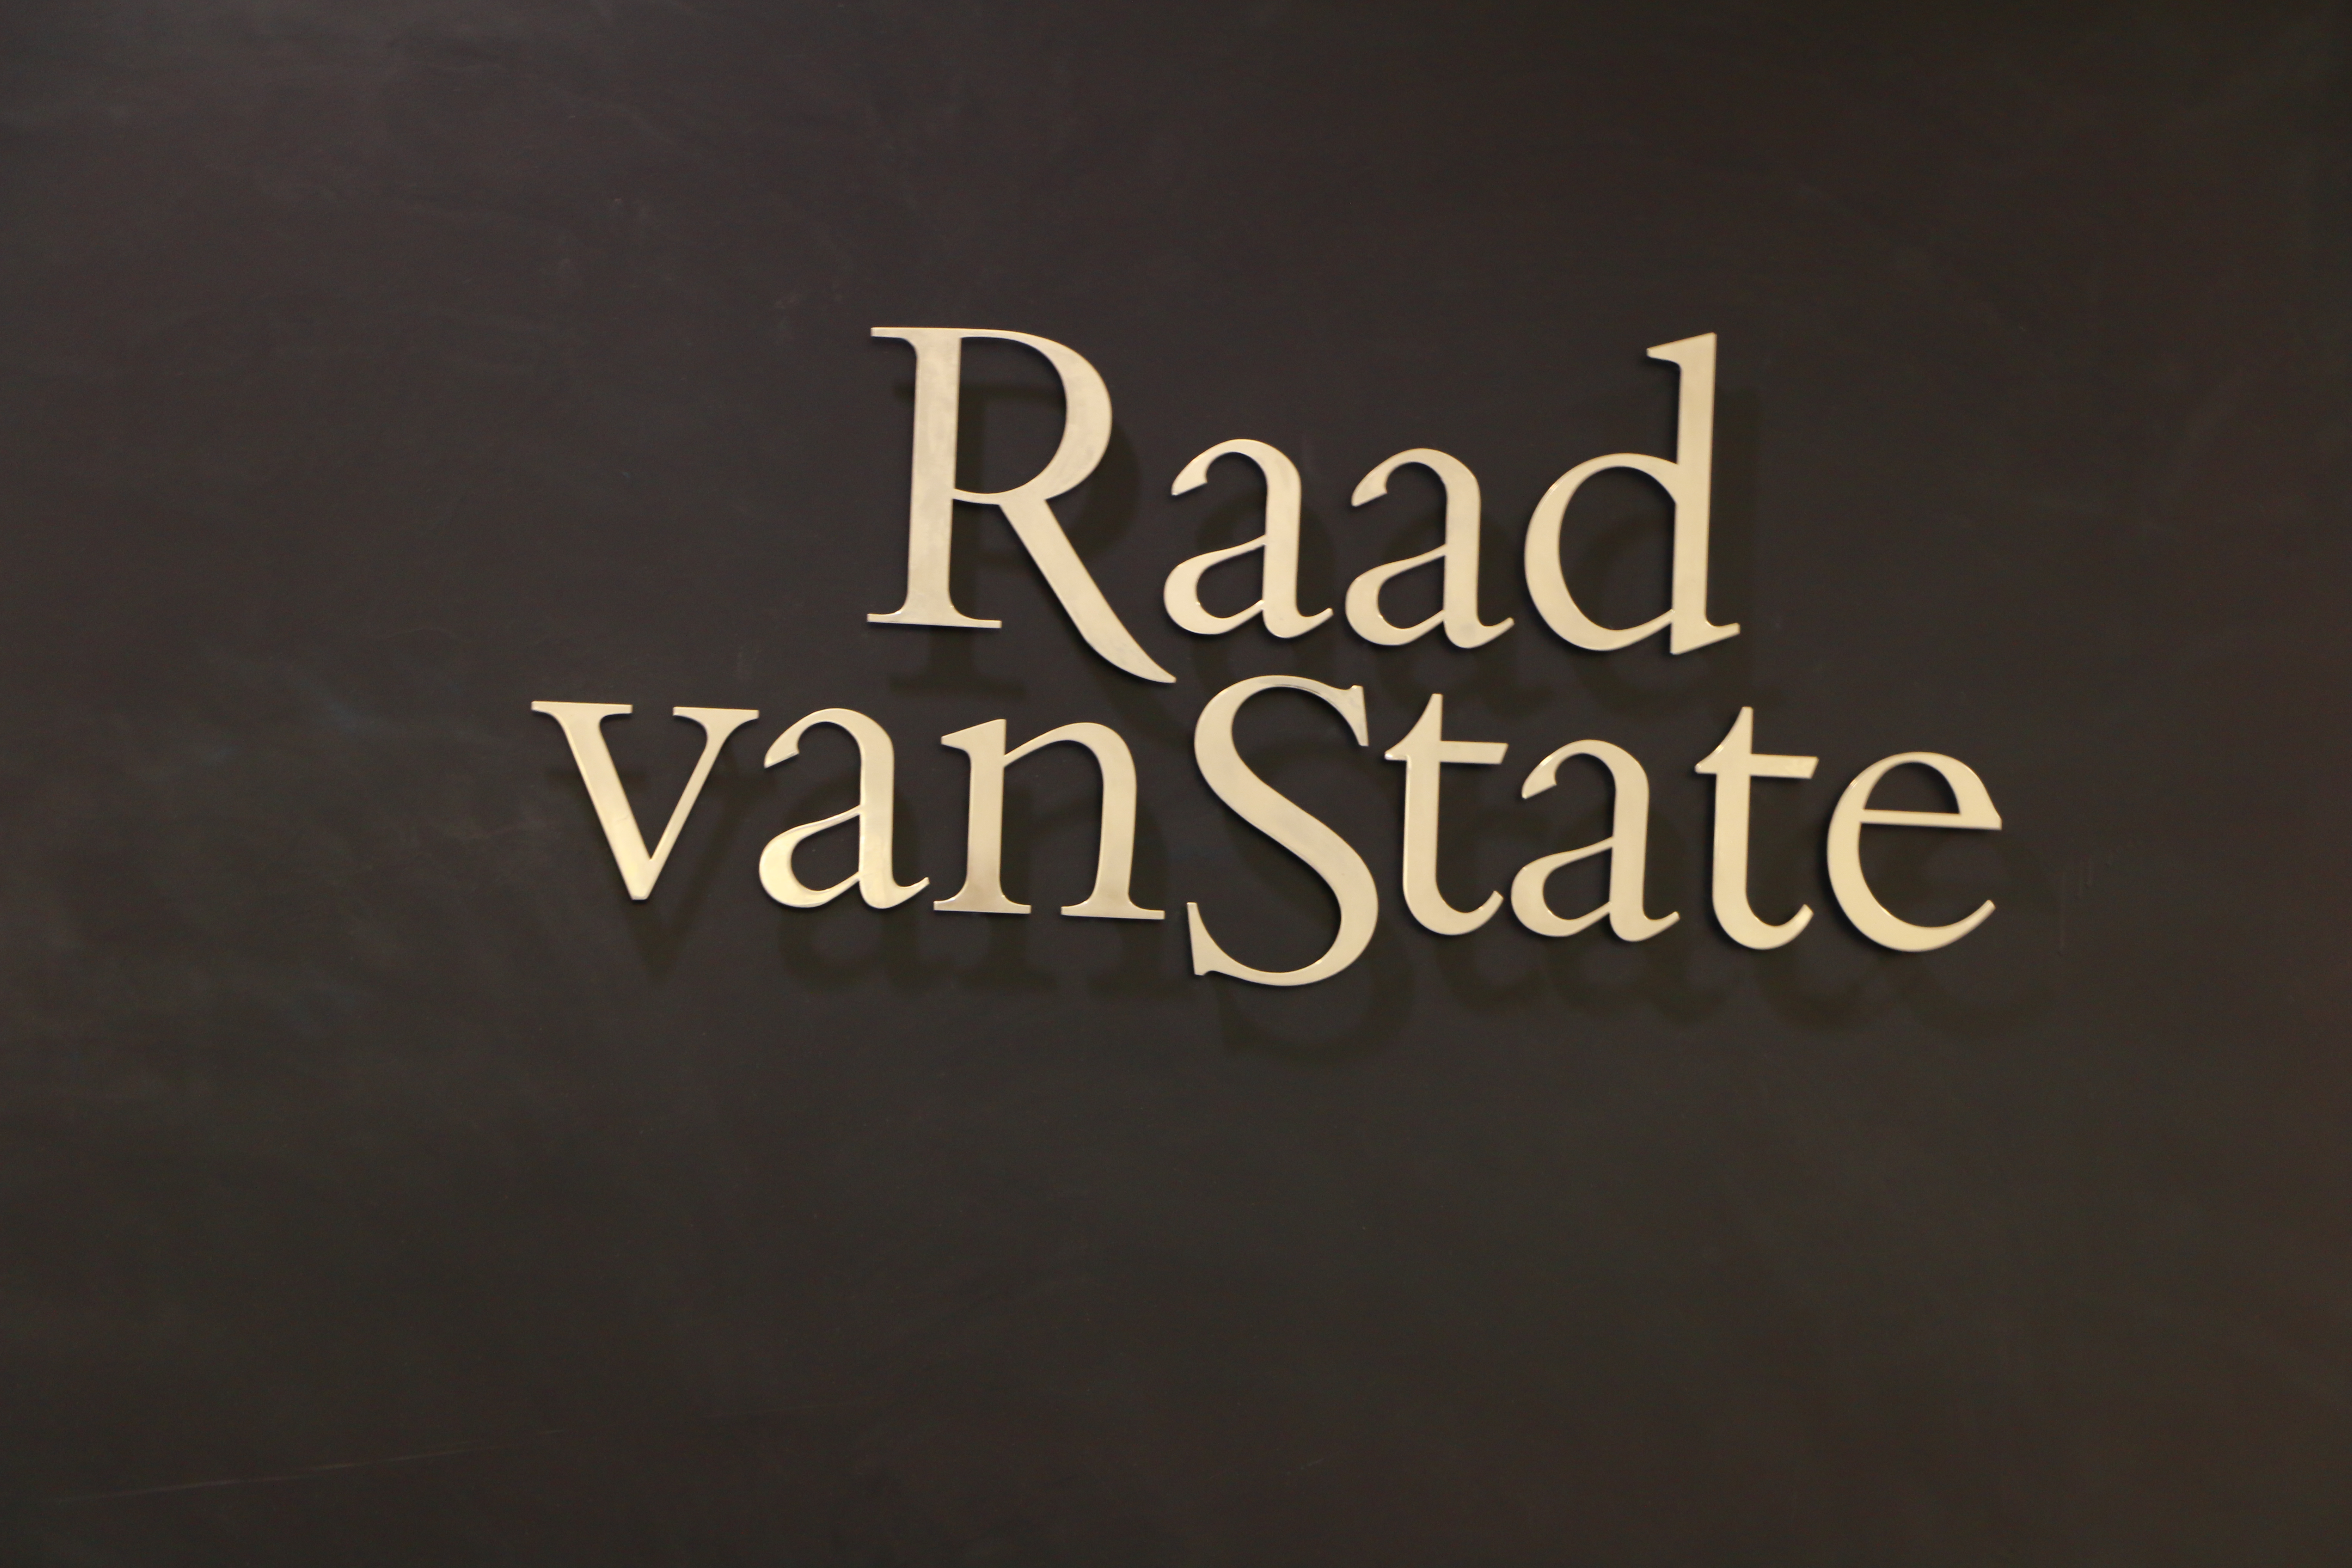 RvS: Digitaal ondertekenen van uitspraken gebeurt niet in alle gevallen volgens de wet